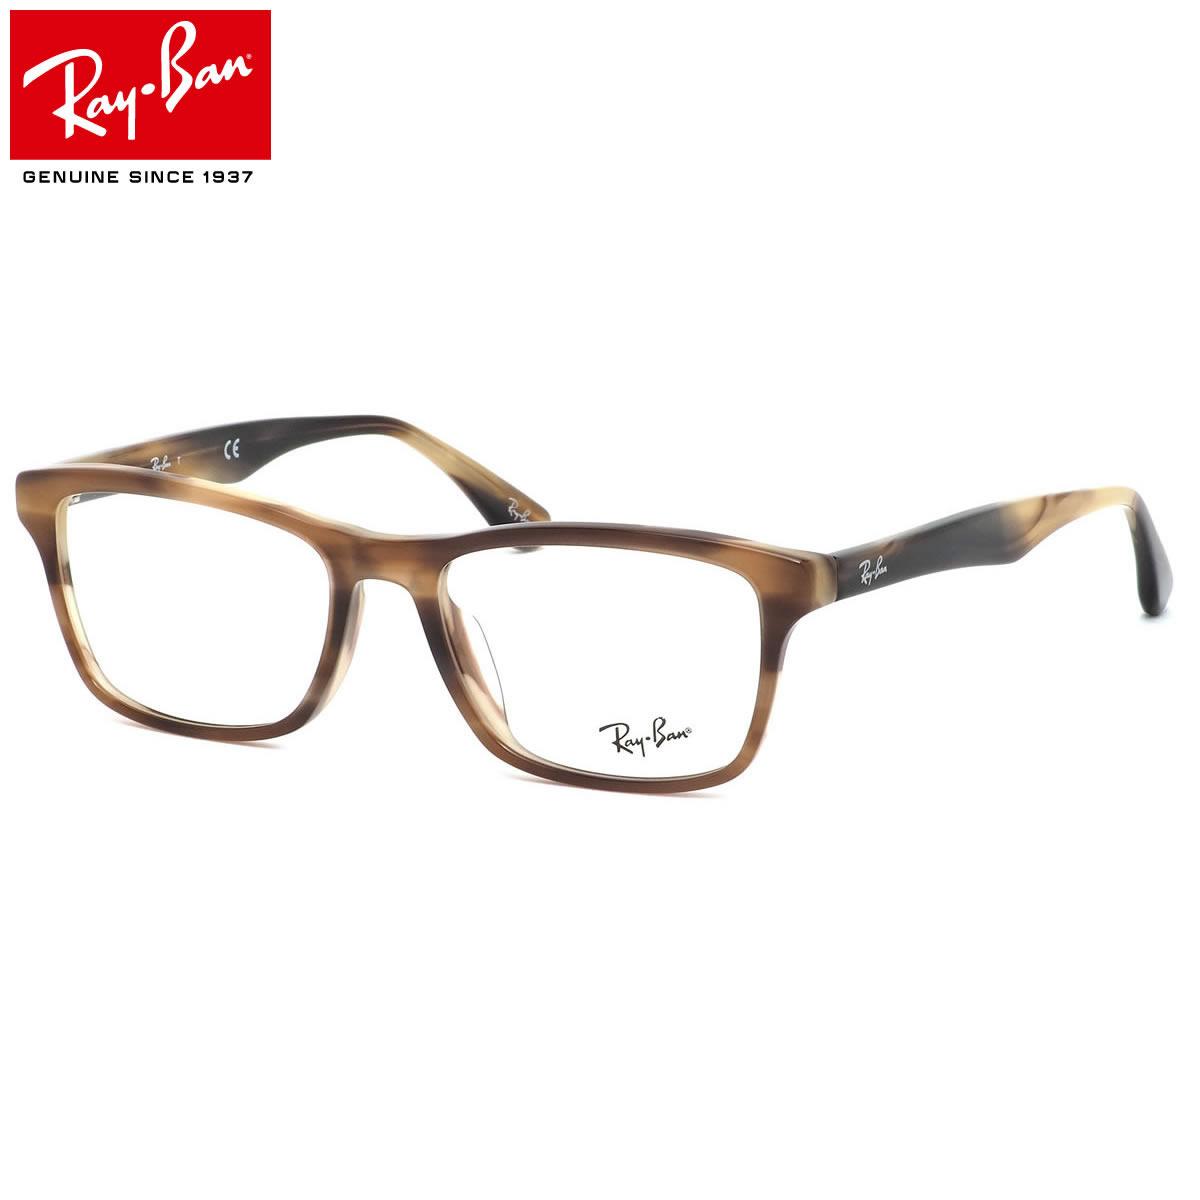 Ray-Ban レイバン メガネ RX5279F 5775 55サイズ ウェリントン フルフィット デミ マーブル レイバン RayBan メンズ レディース